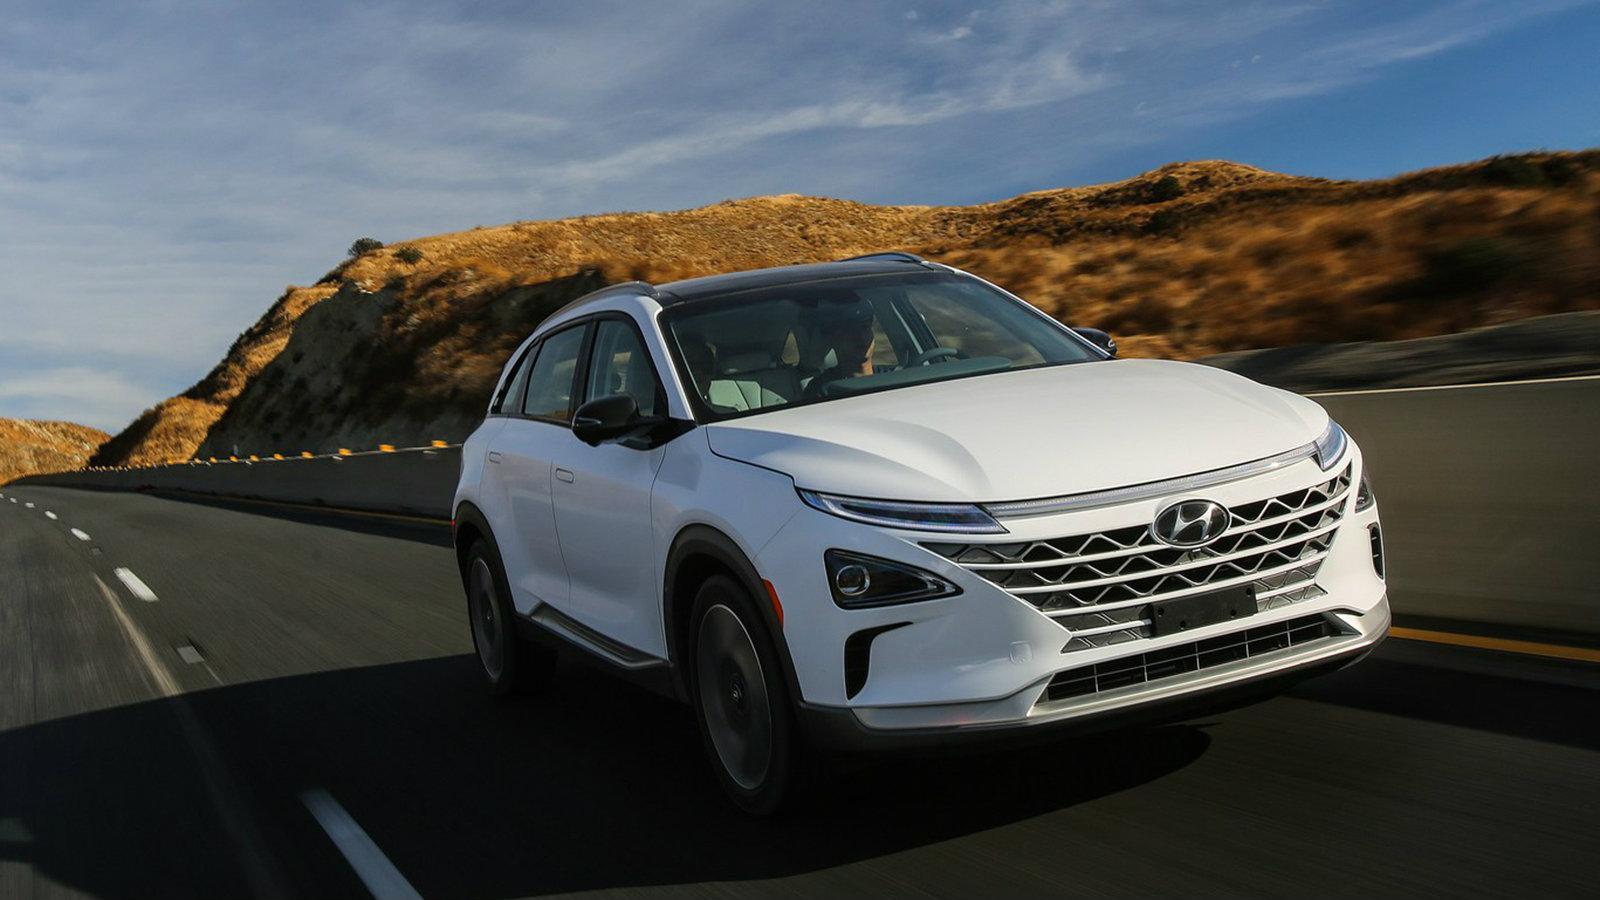 Συνεργασία μεταξύ Hyundai και Ineos για πρόωση υδρογόνου